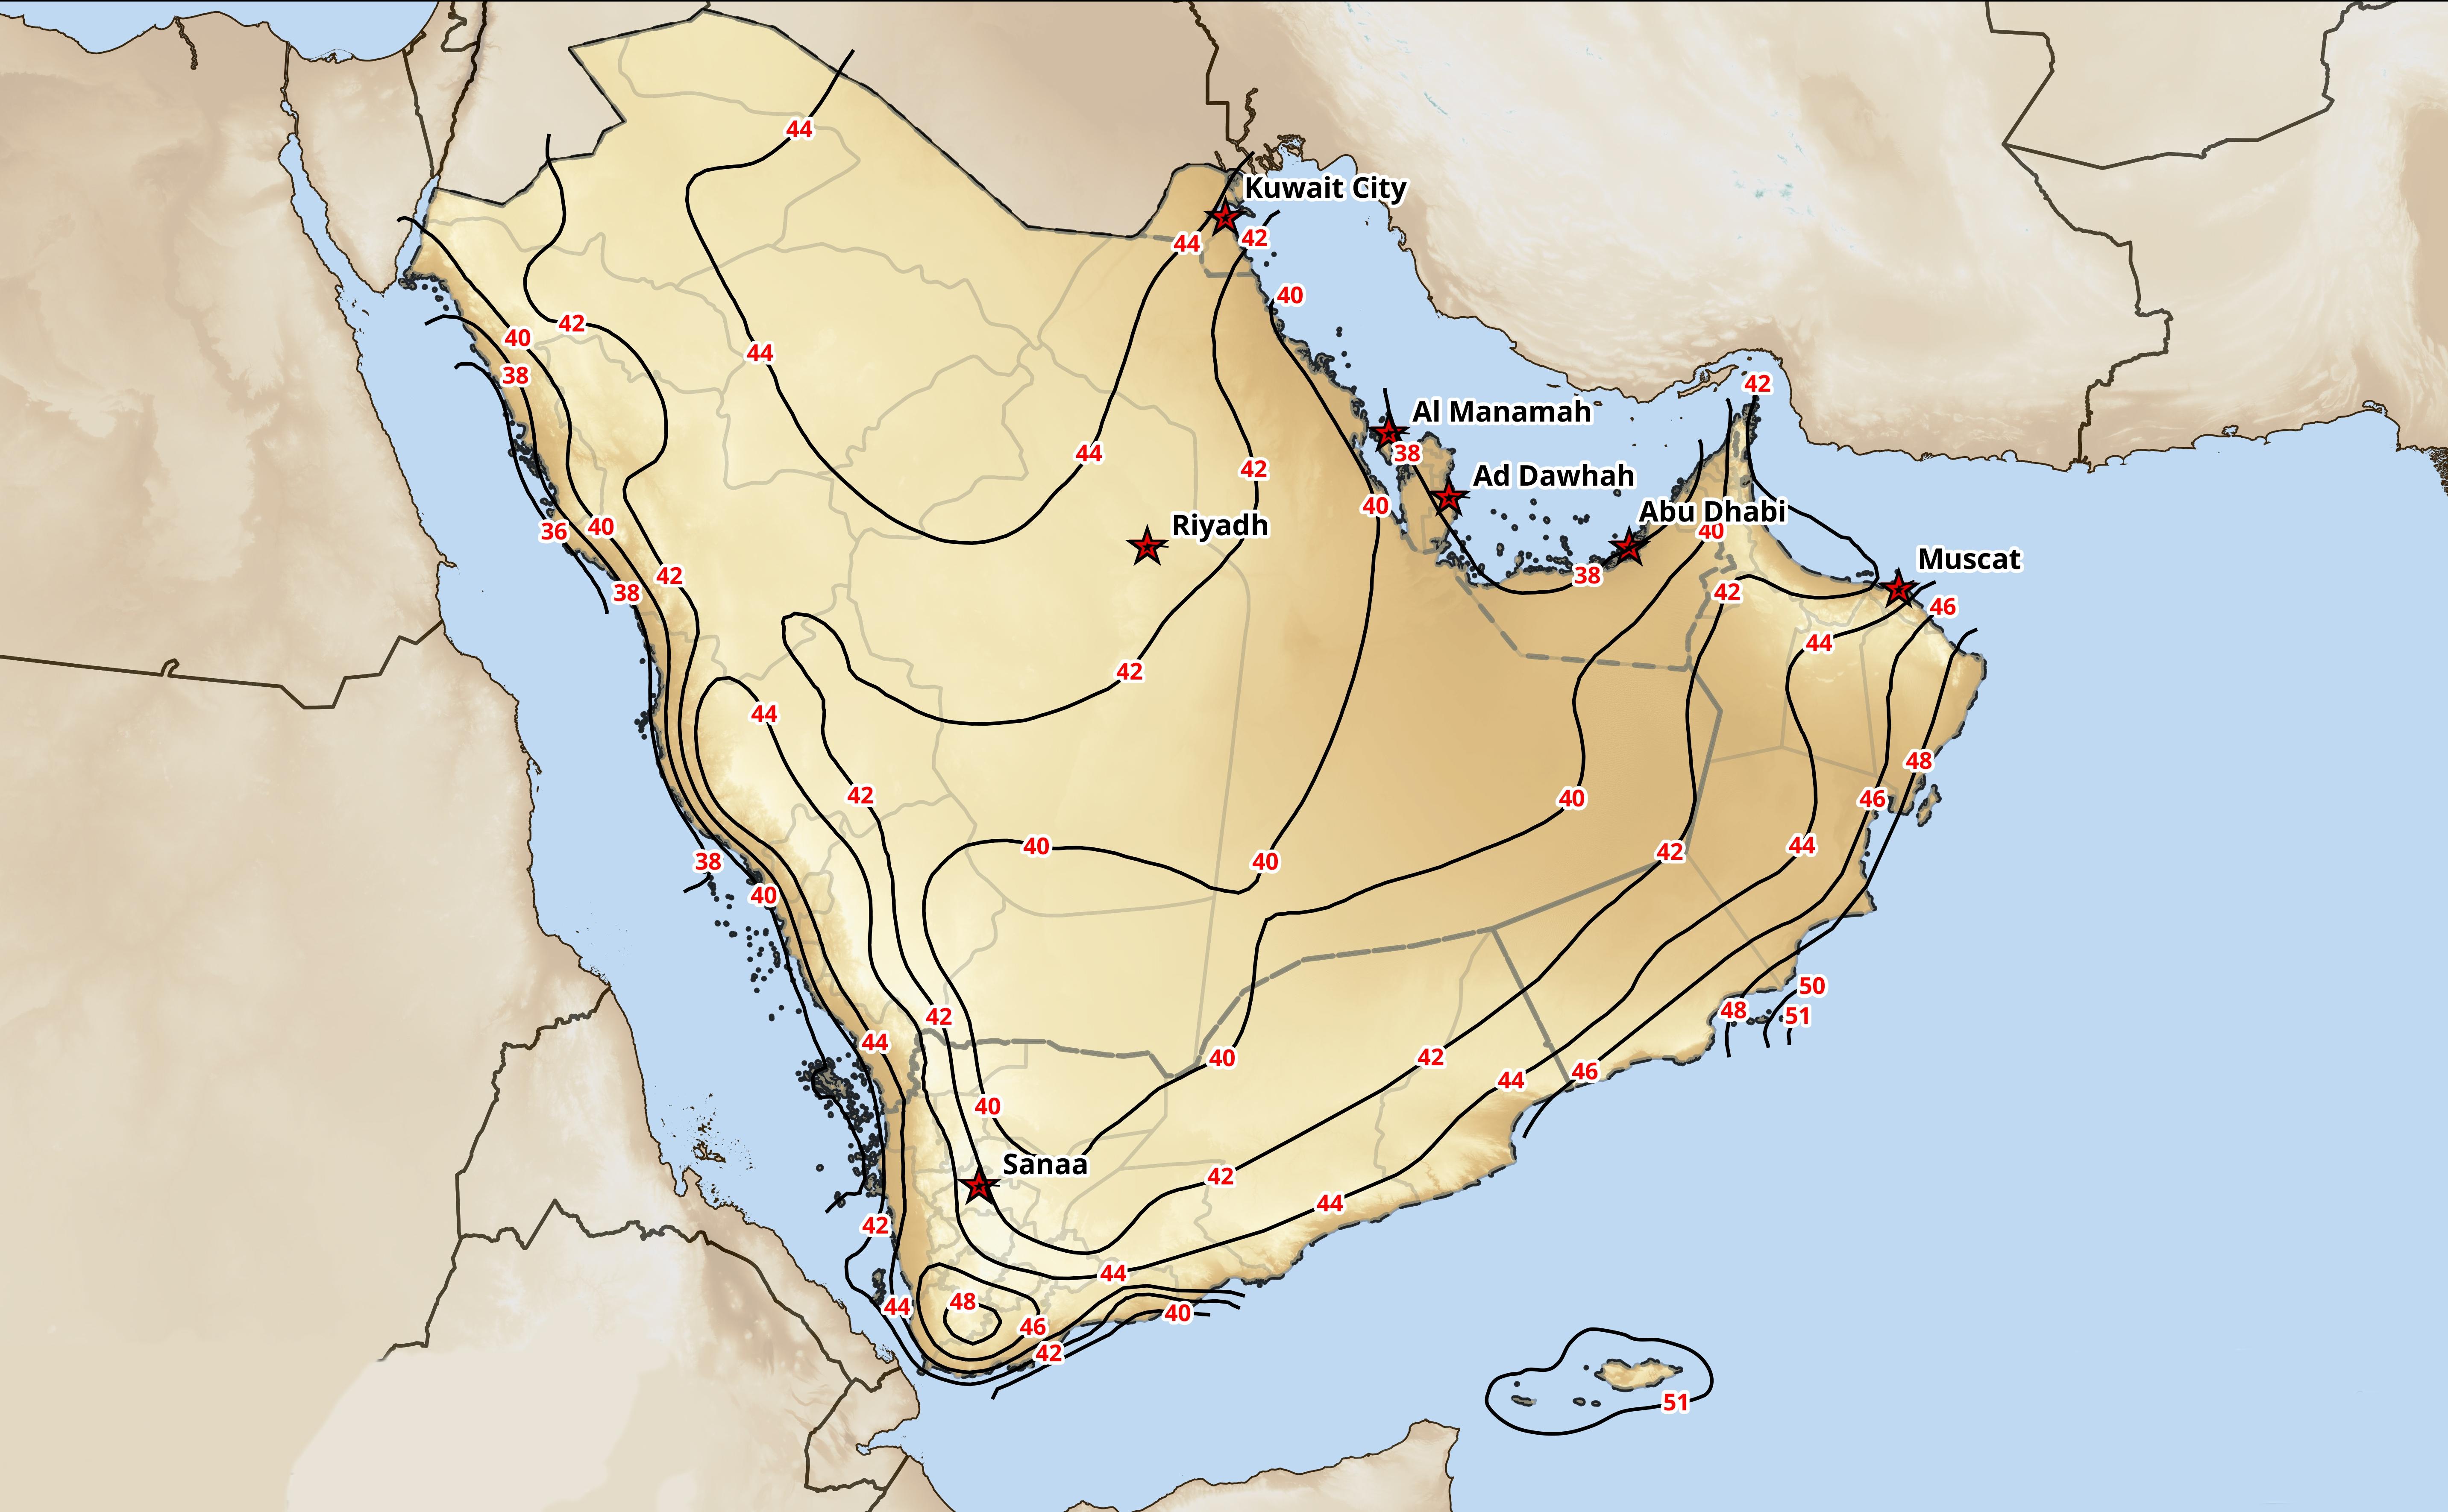 Wind speeds over Saudi Arabia